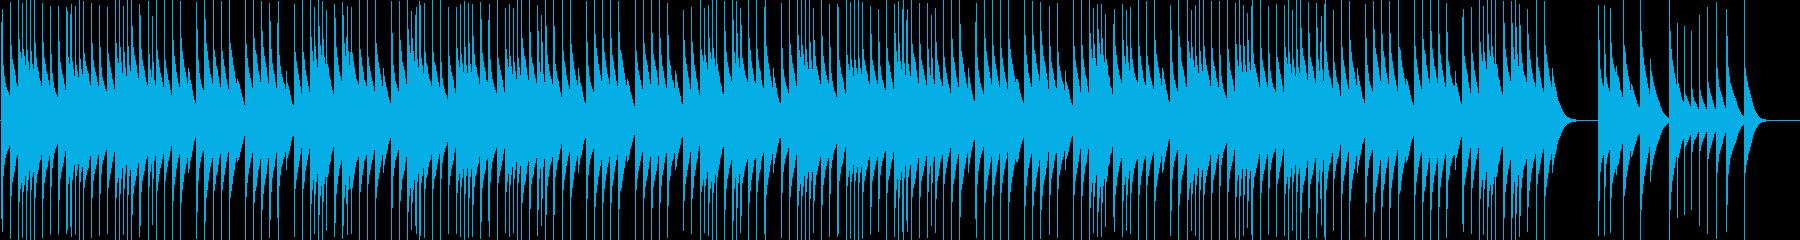 【オルゴール】クリスマス曲Wewish1の再生済みの波形